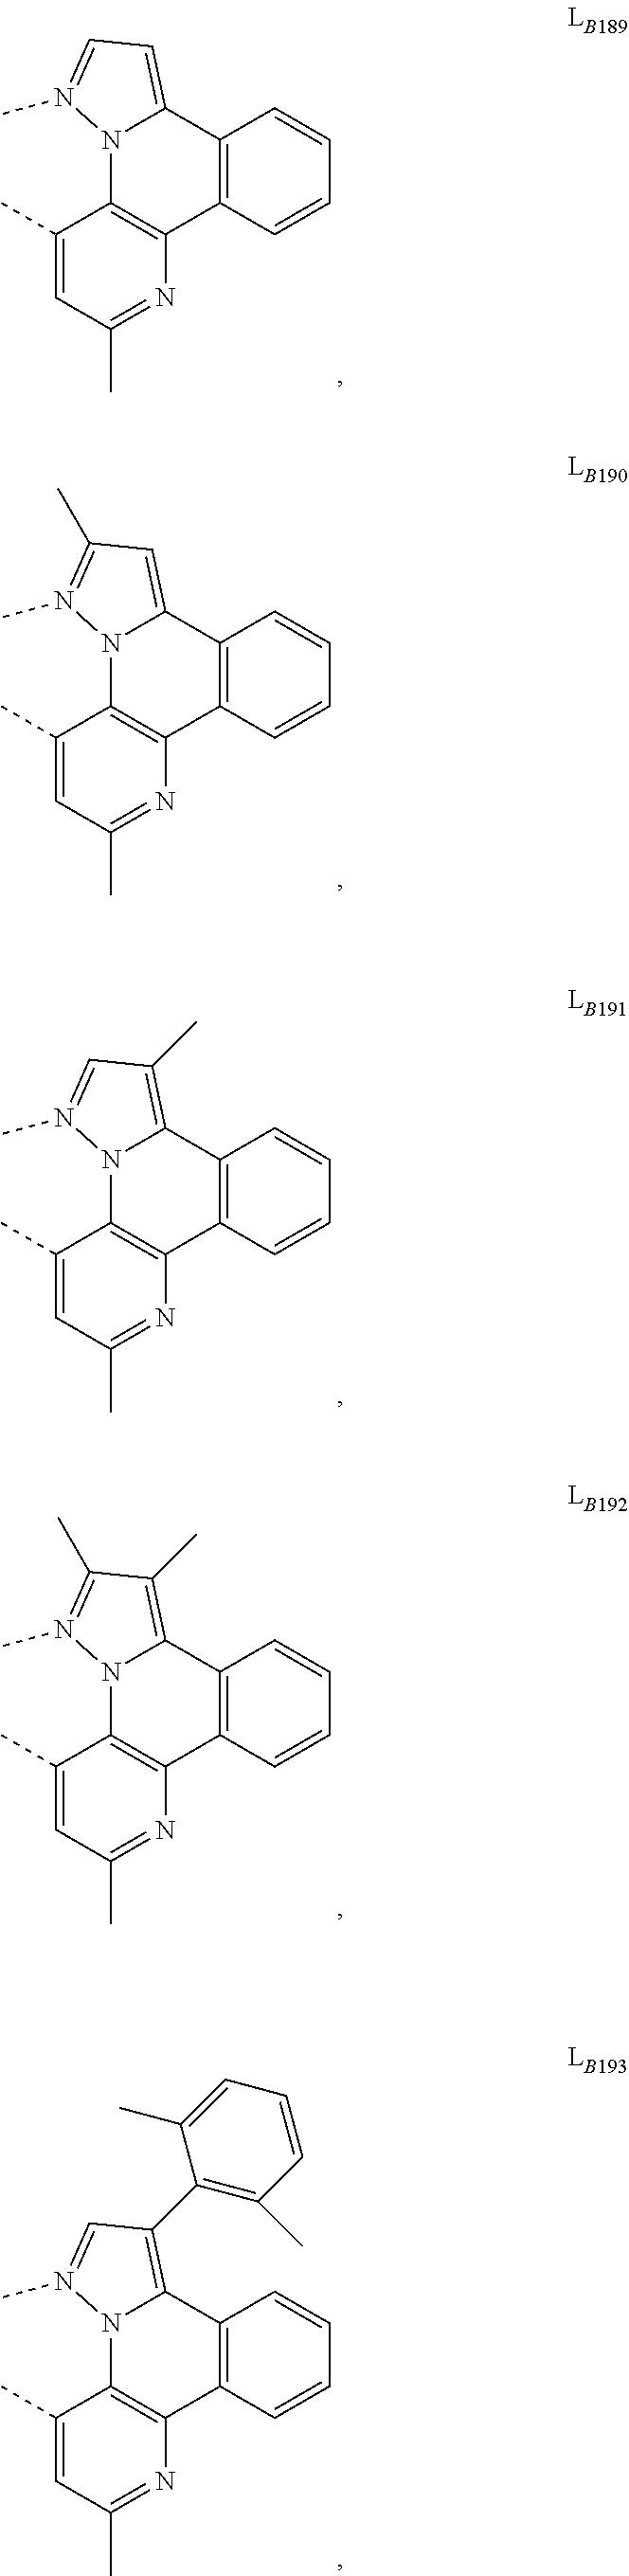 Figure US09905785-20180227-C00600